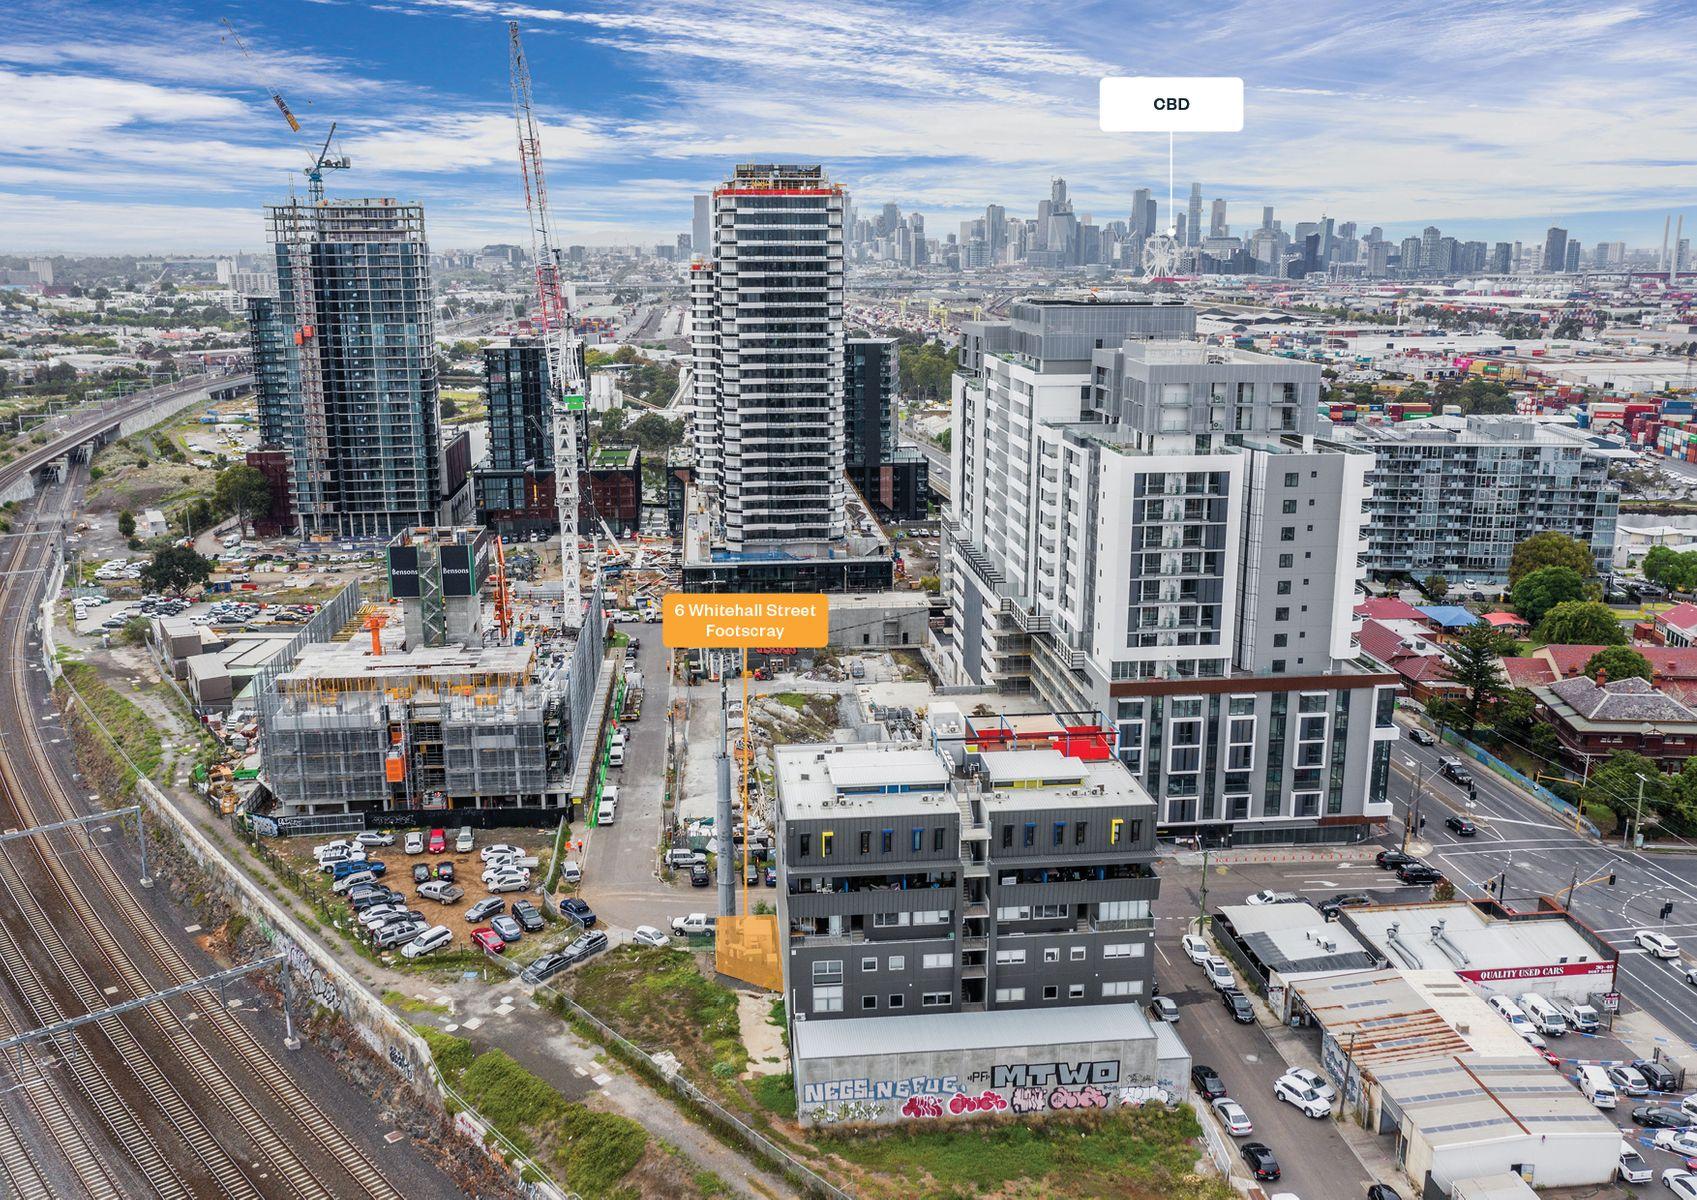 TC0252 6 Whitehall Street, Footscray MarkUp 0001